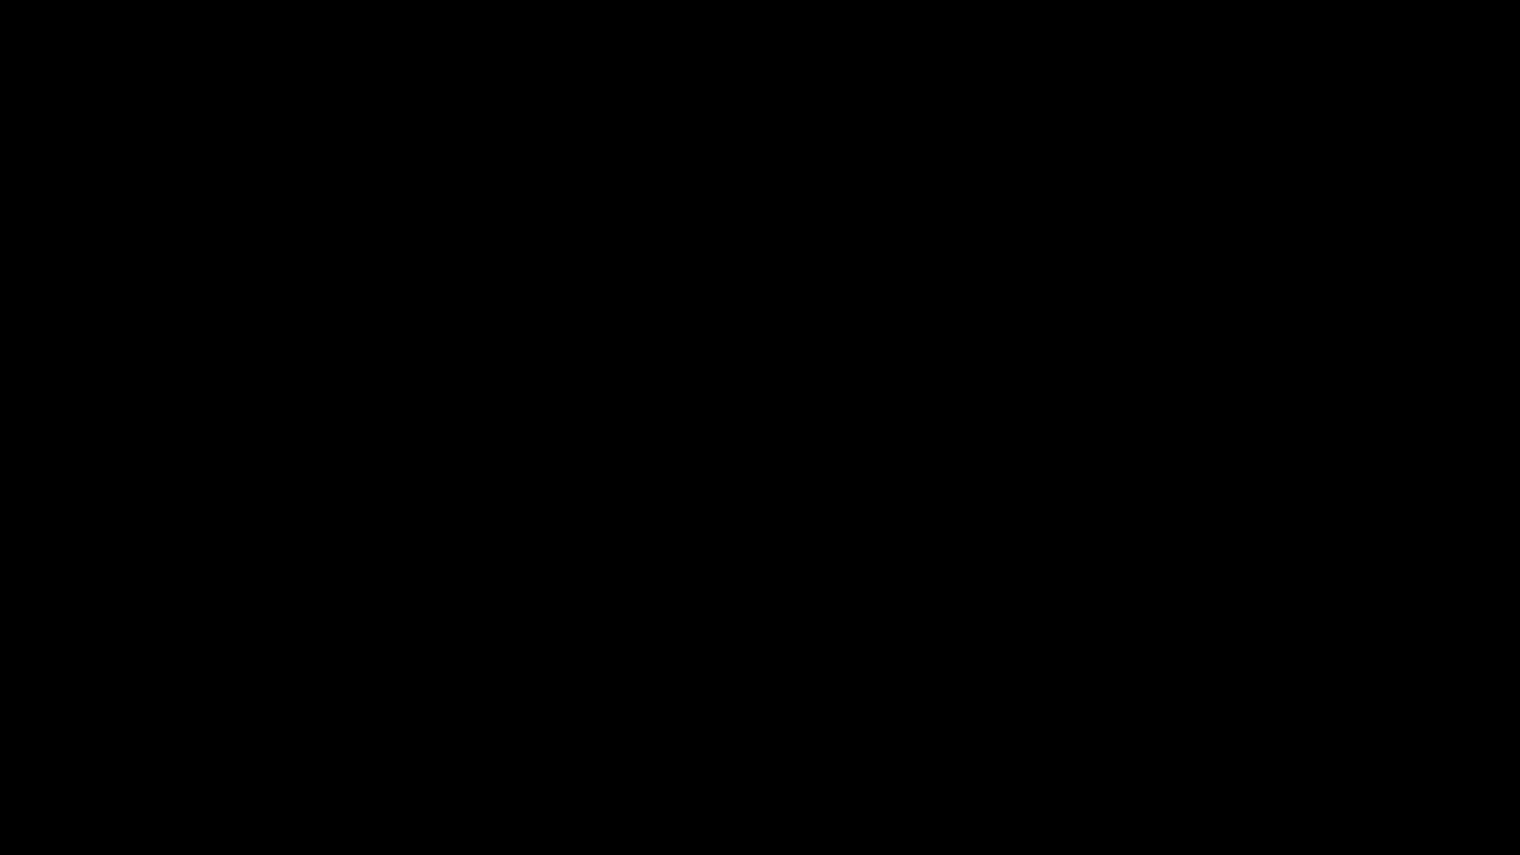 La remise des prix du Festival de Cannes 2017